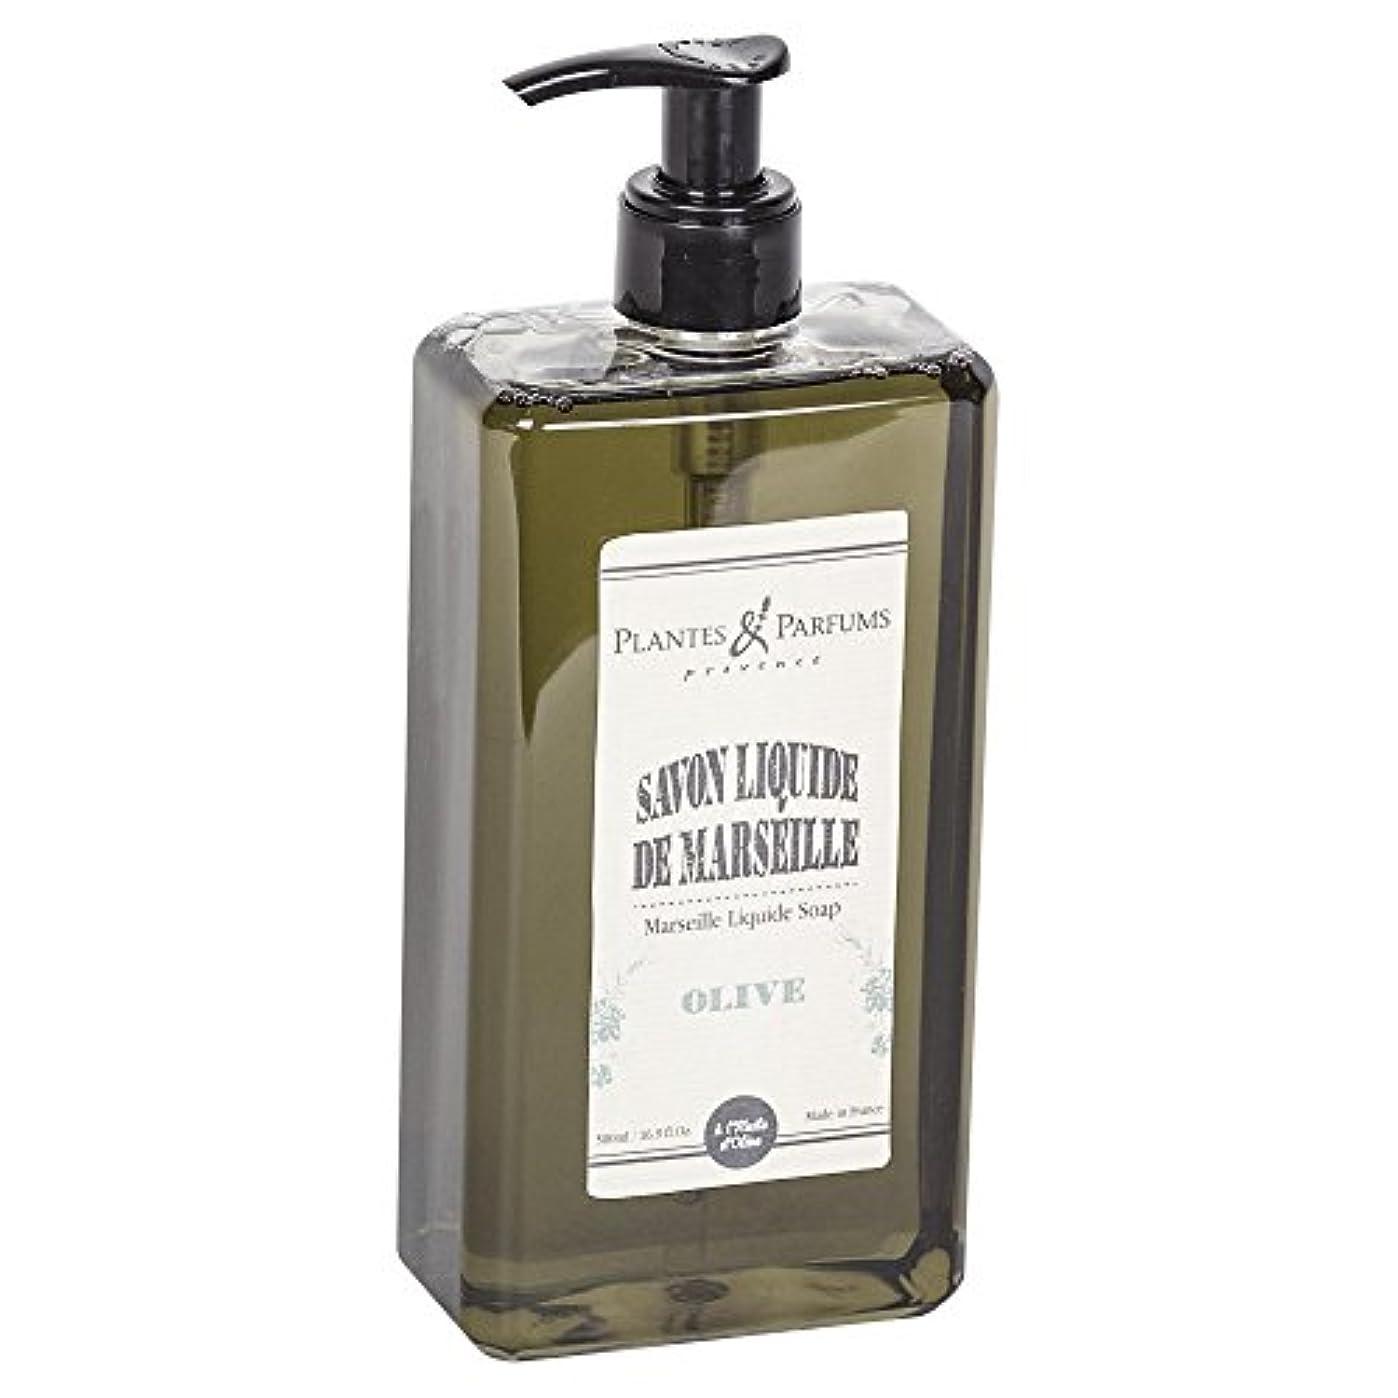 傾向ボトルオピエートPlantes&Parfums [プランツ&パルファム] マルセイユリキッドソープ オリーブ